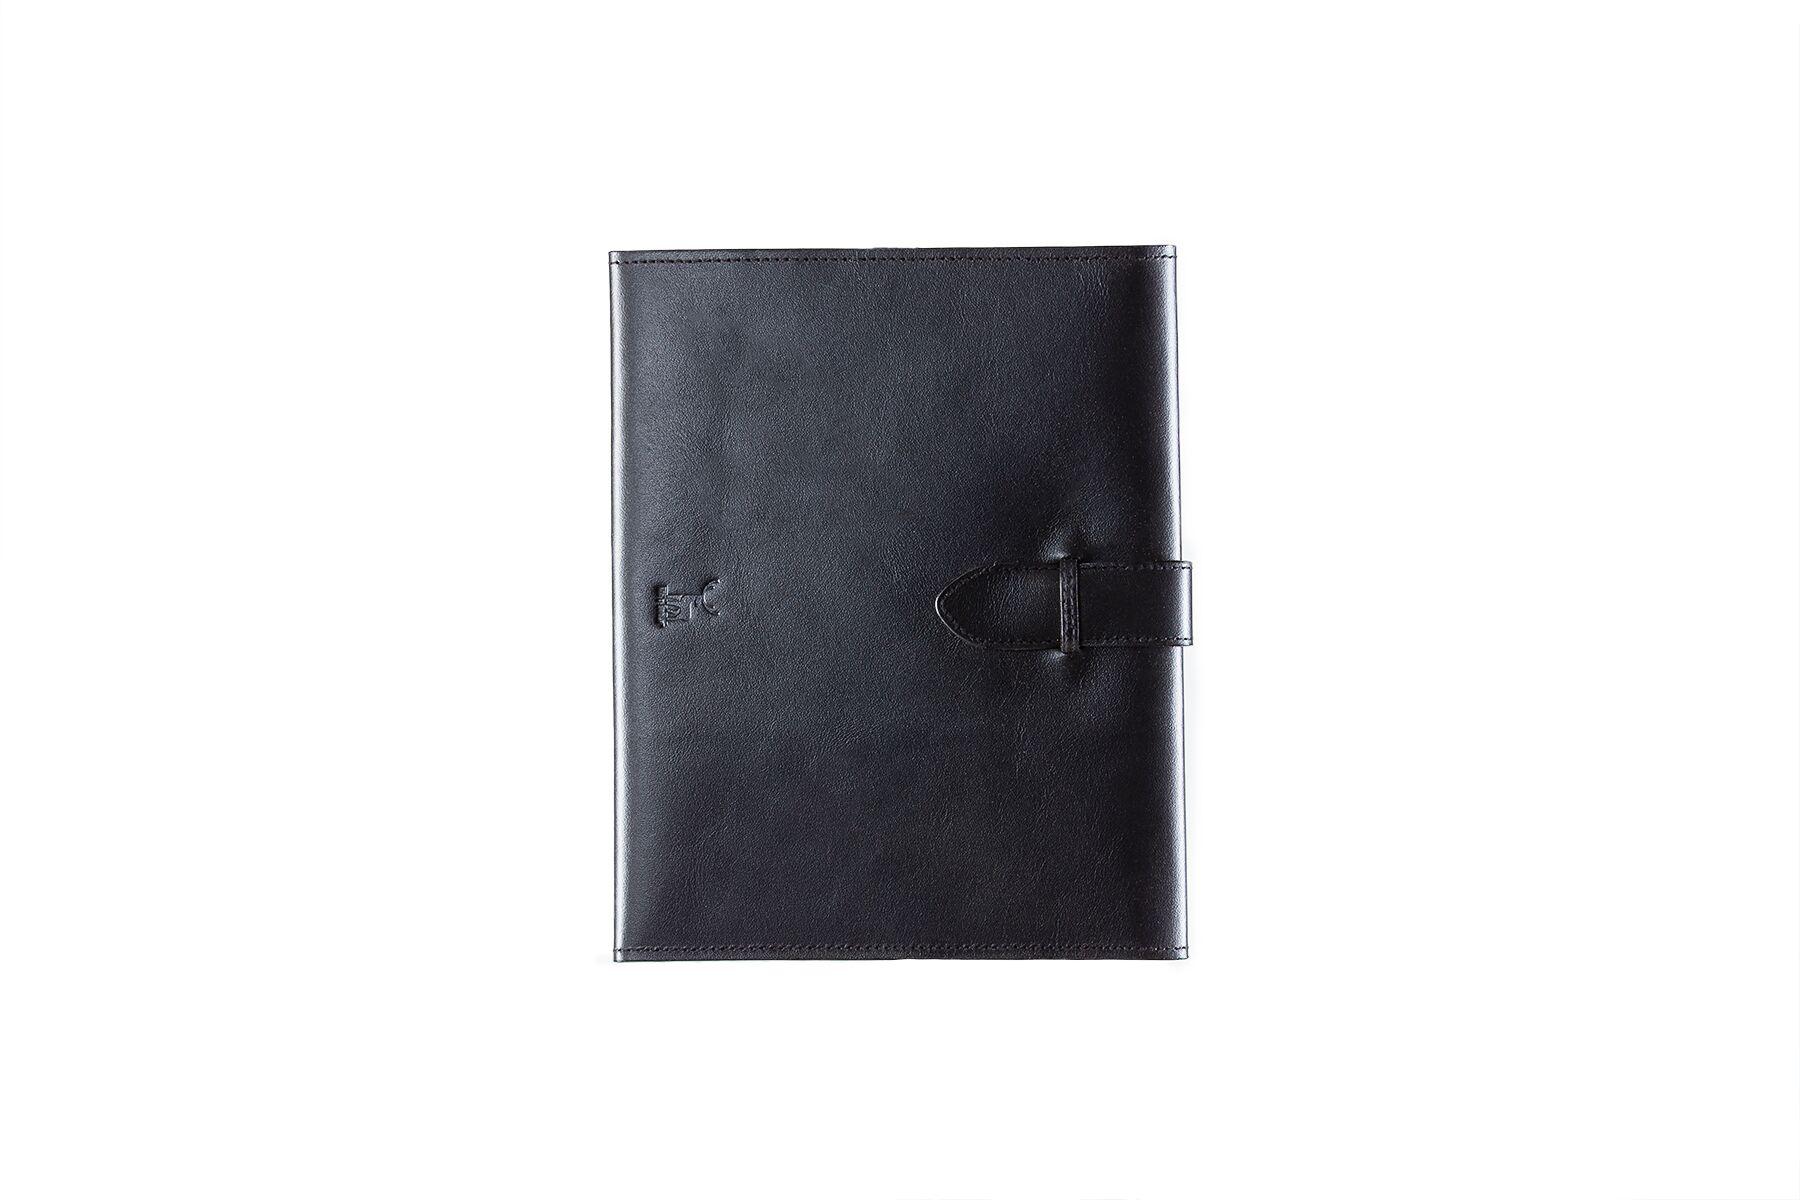 A5 Notebook in Black